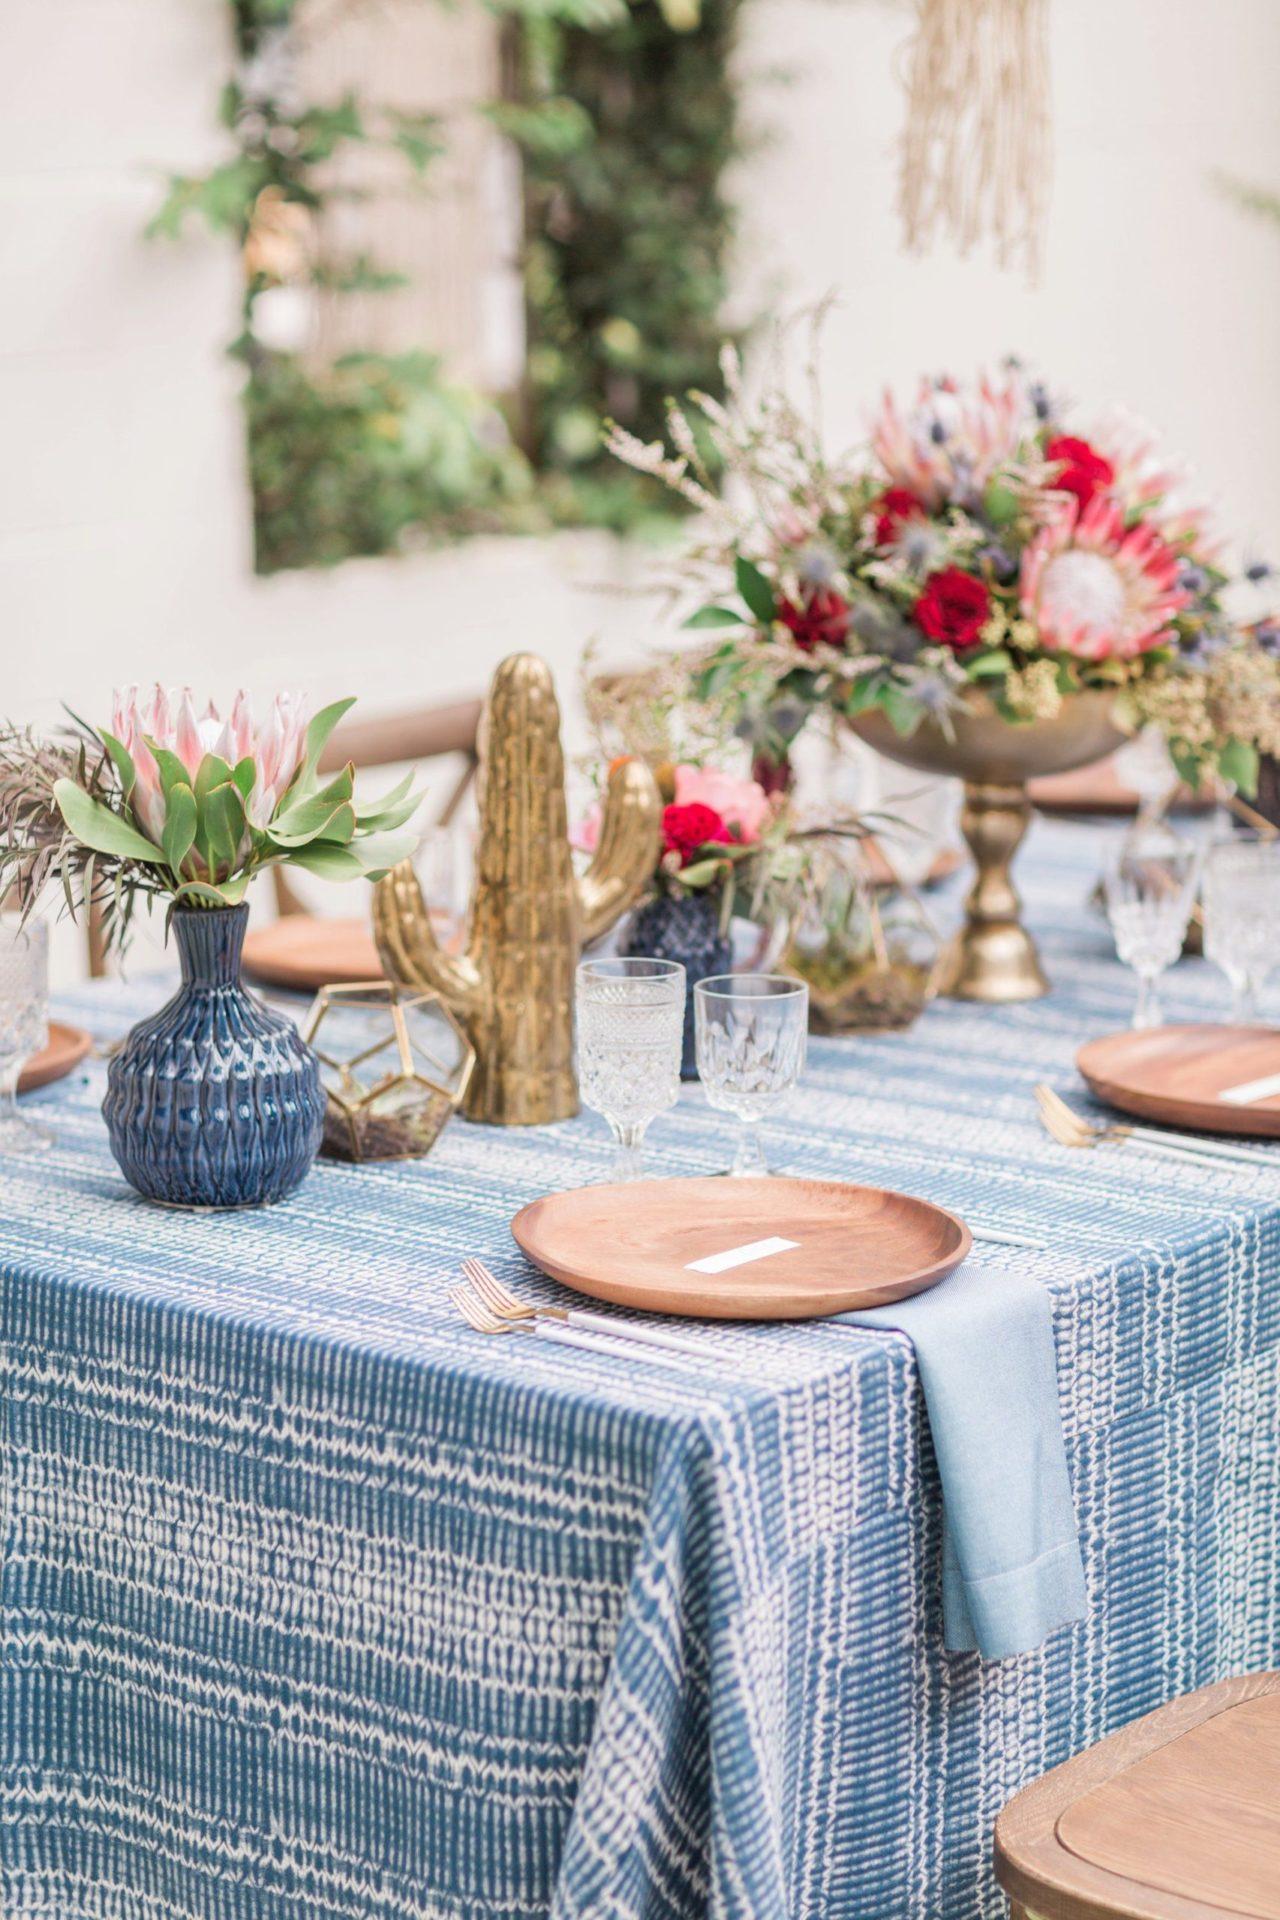 Blue Indigo Inspired Garden Dinner Party Table Setting Details